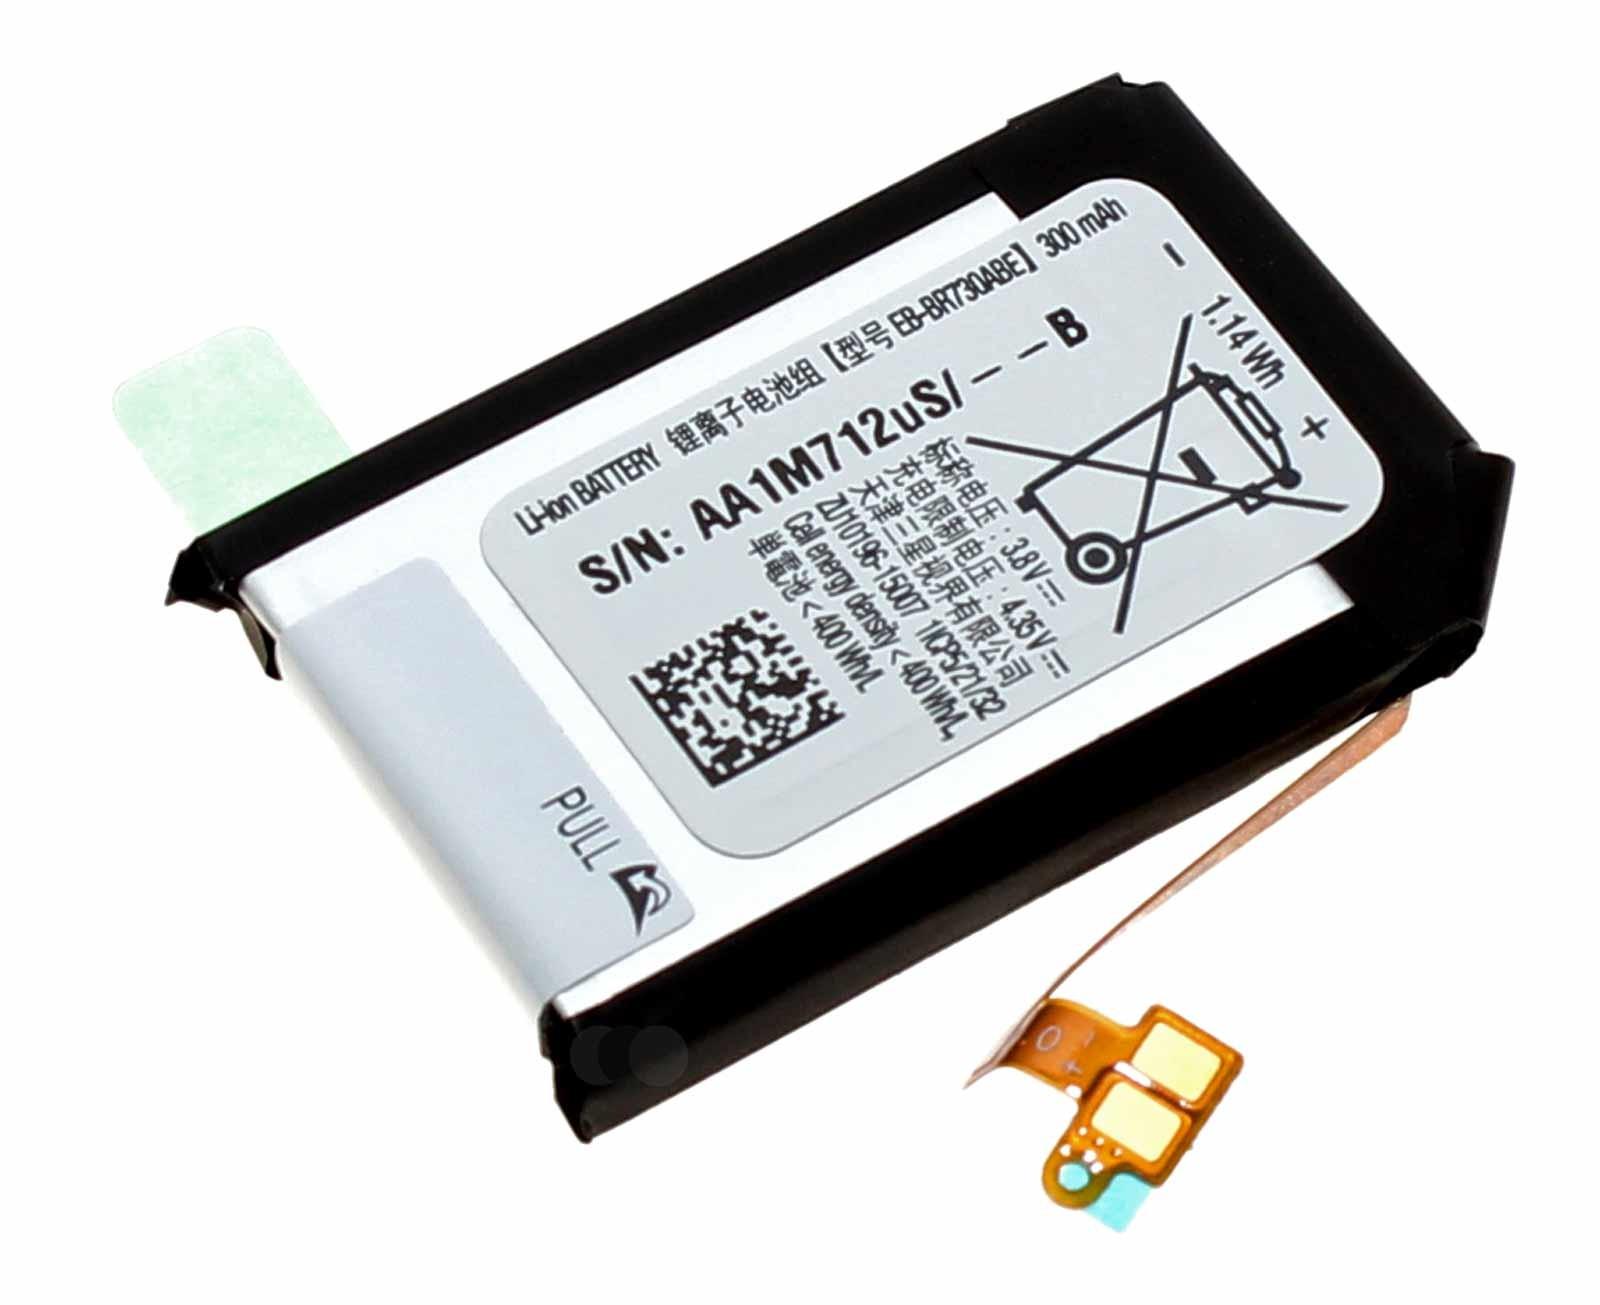 Original Akku Samsung EB-BR730ABE für Samsung Gear Sport SM-R600 Smartwatch, Fitnesstracker mit 3,8 Volt und 300mAh Kapazität, Ersatzteil Teilenummer GH43-04538B